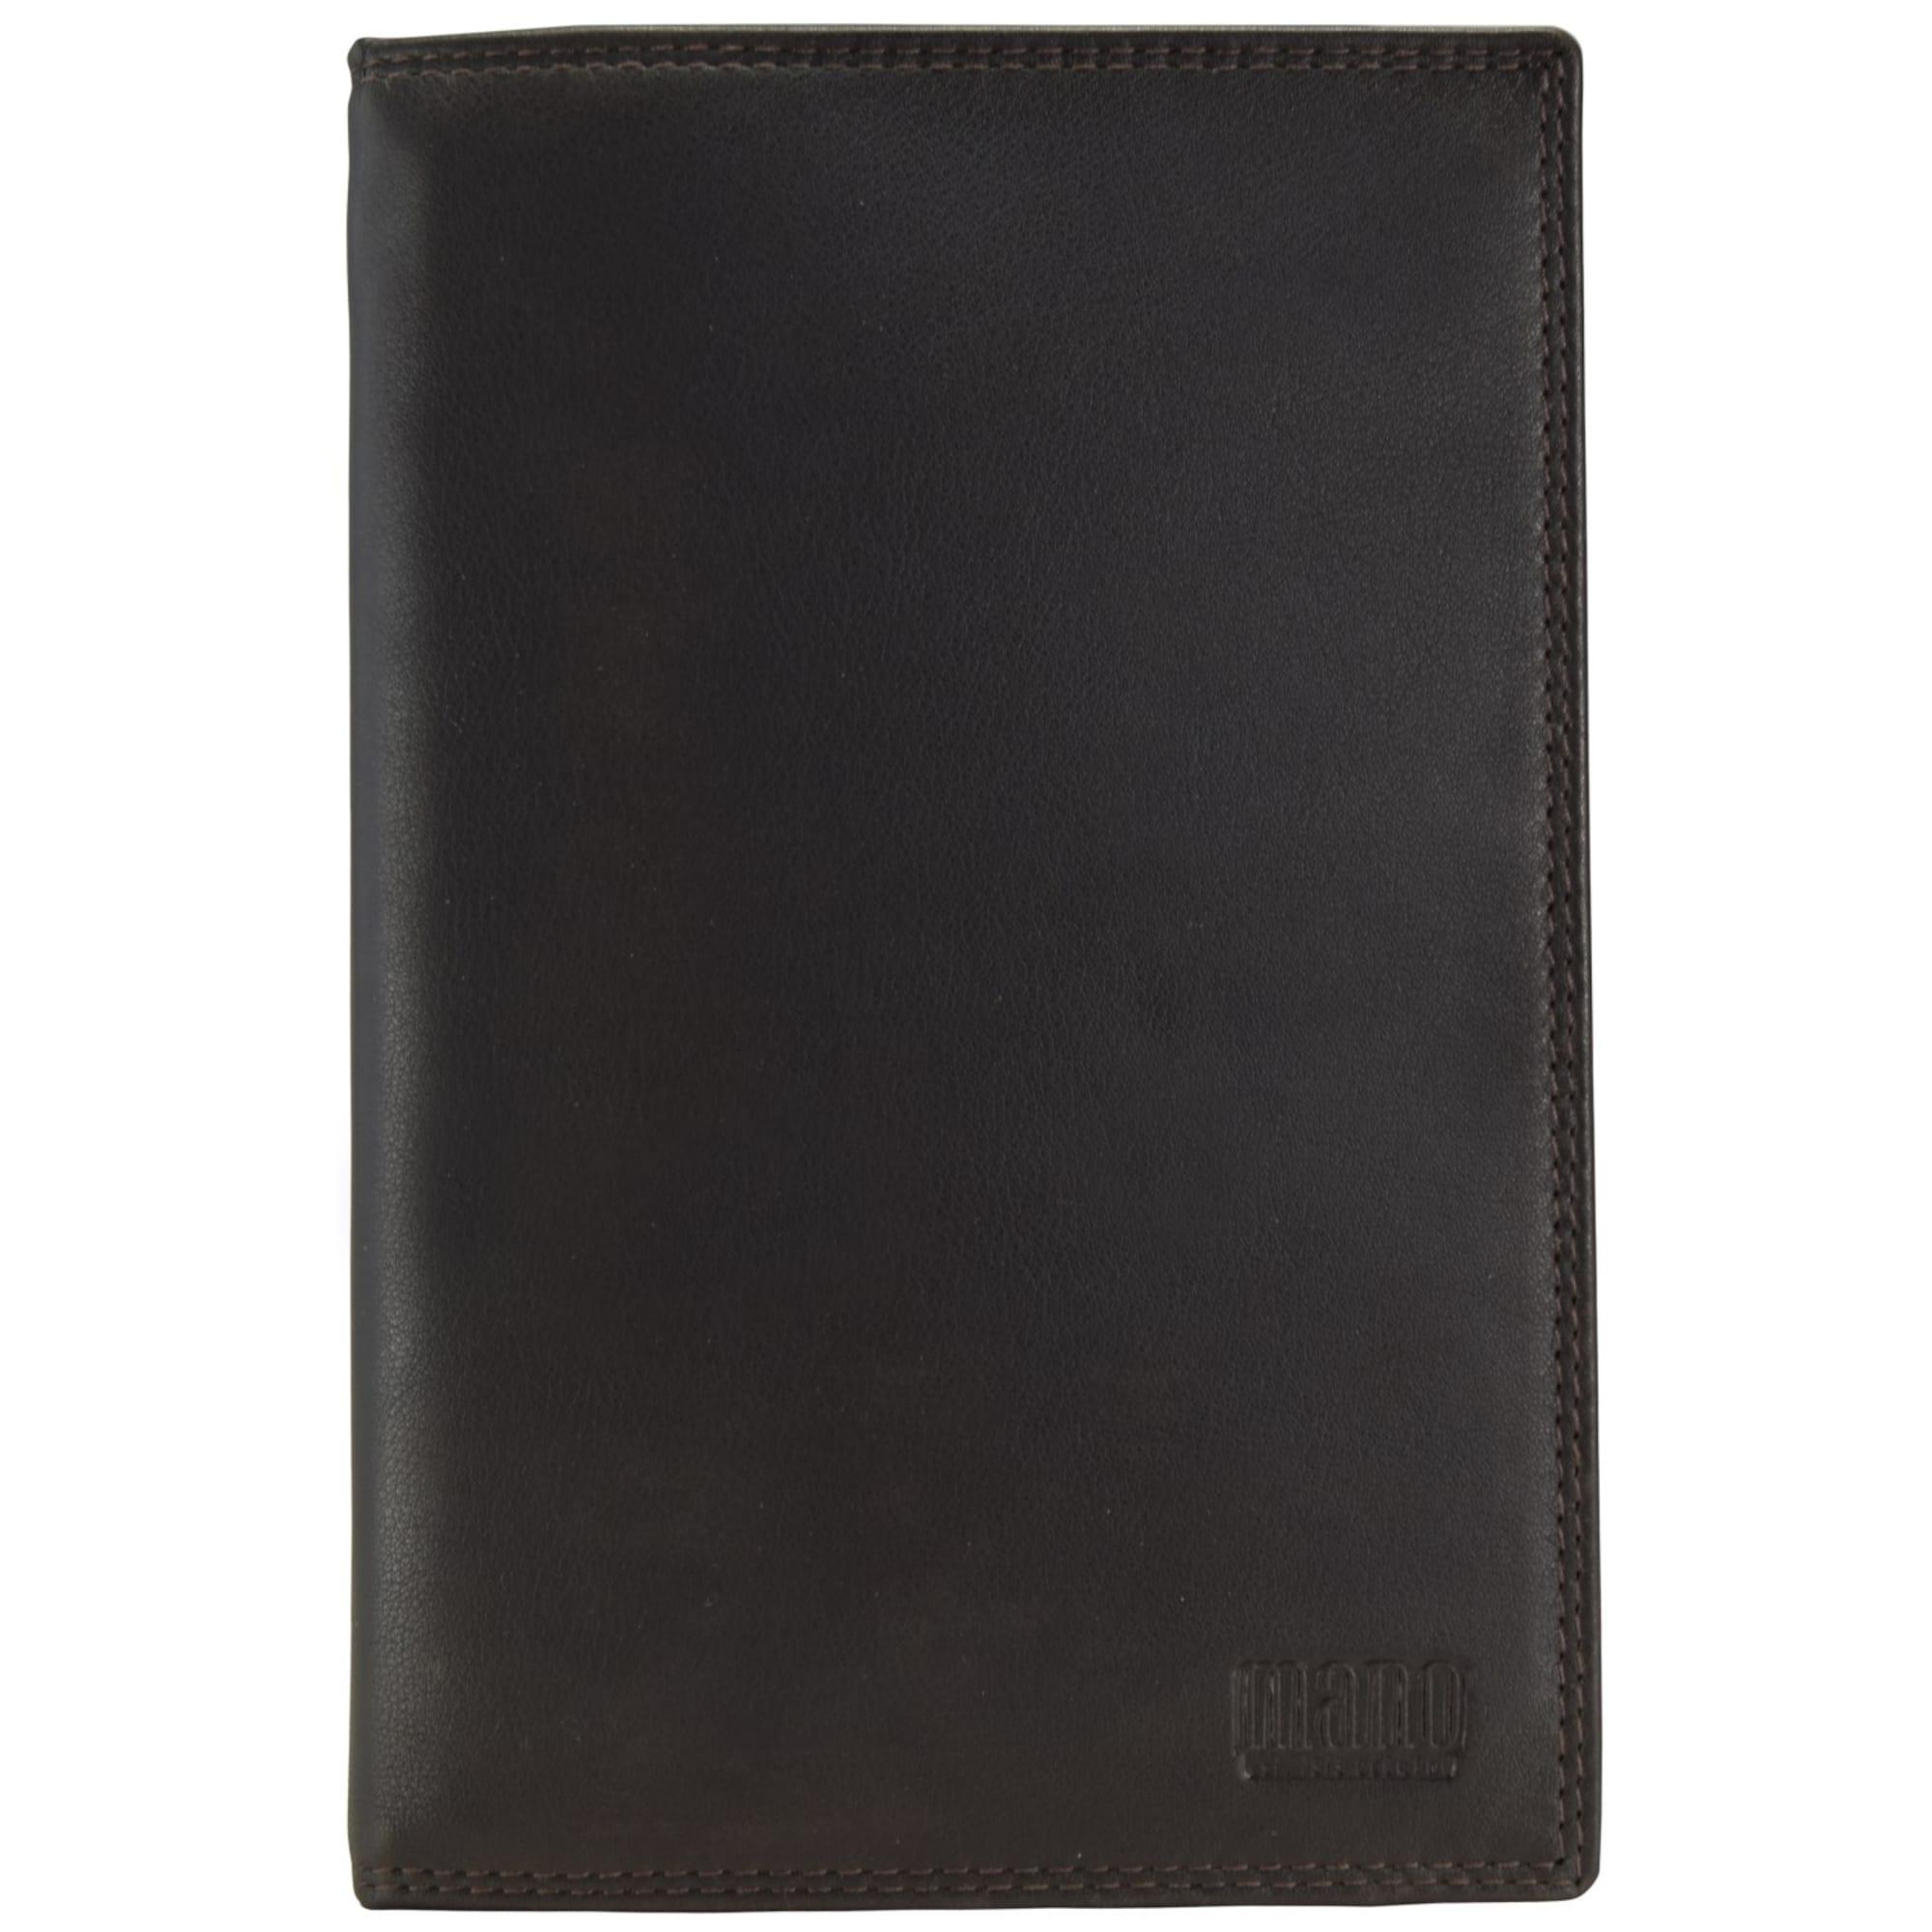 Brieftasche 'Sutura' | Accessoires > Portemonnaies > Brieftaschen | Mano